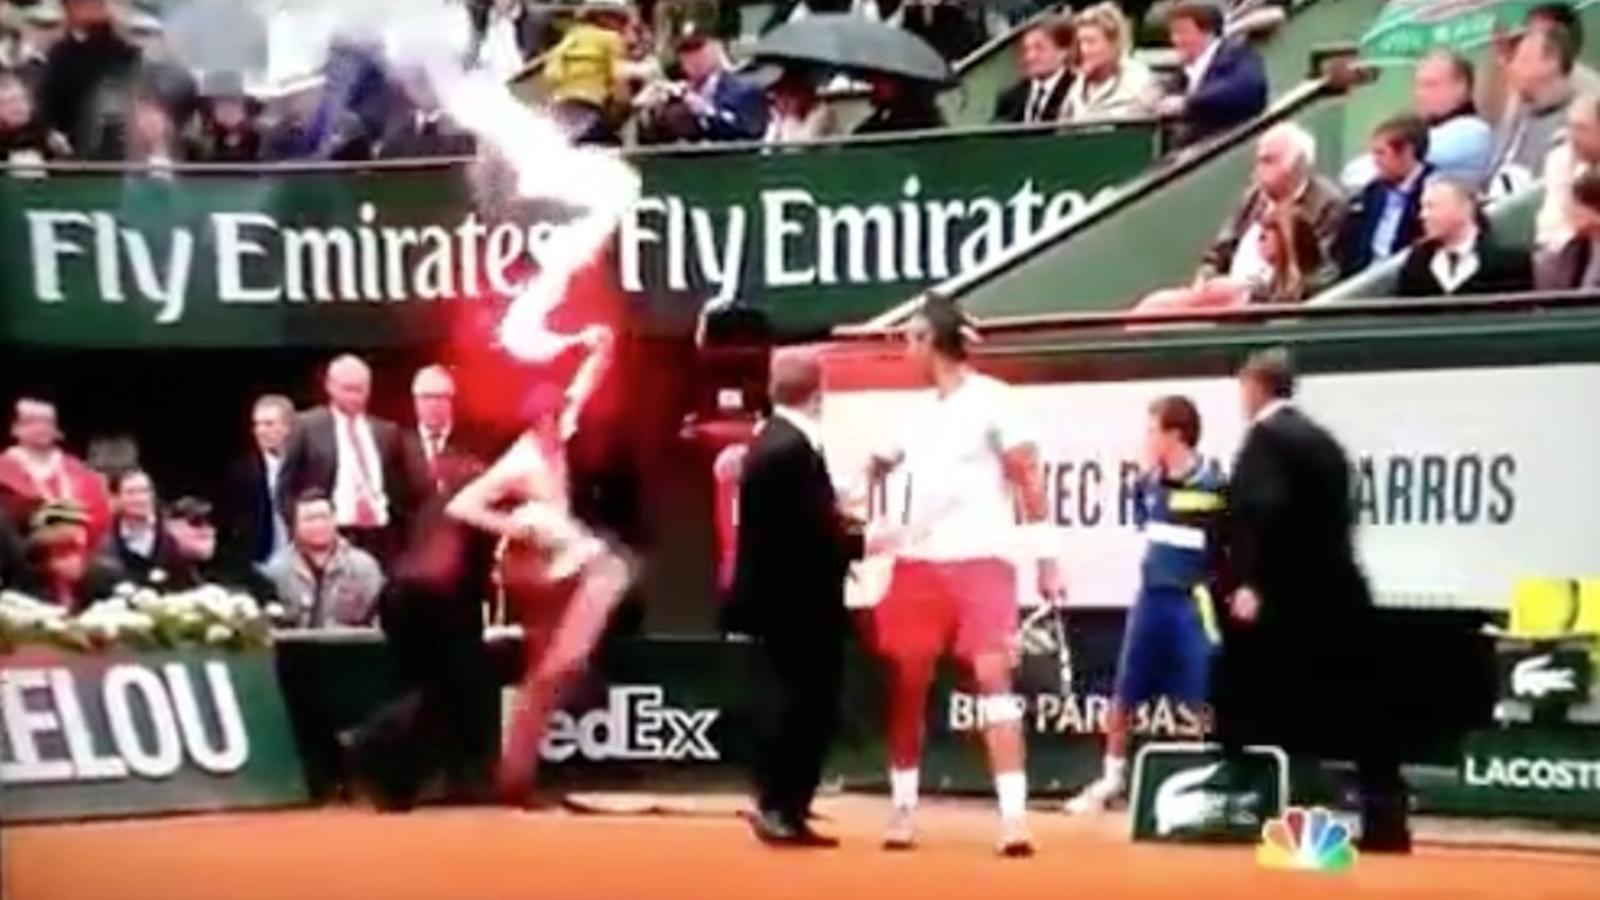 Un espontani salta a la pista de Roland Garros amb una bengala per protestar contra el matrimoni homosexual